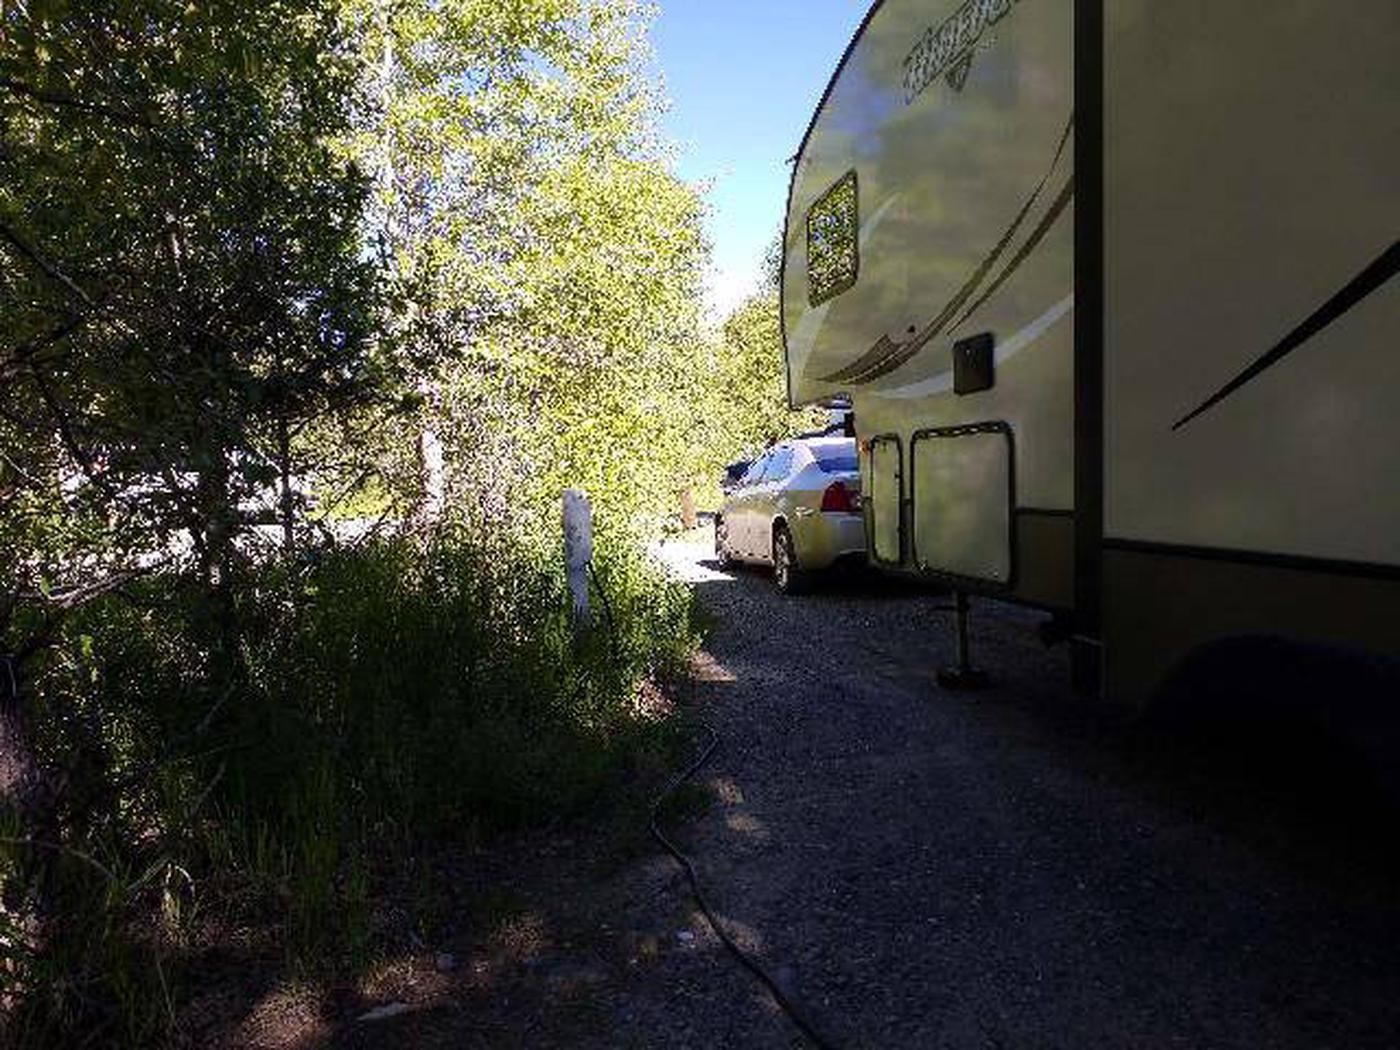 Wapiti Campsite 14 - Site with RV